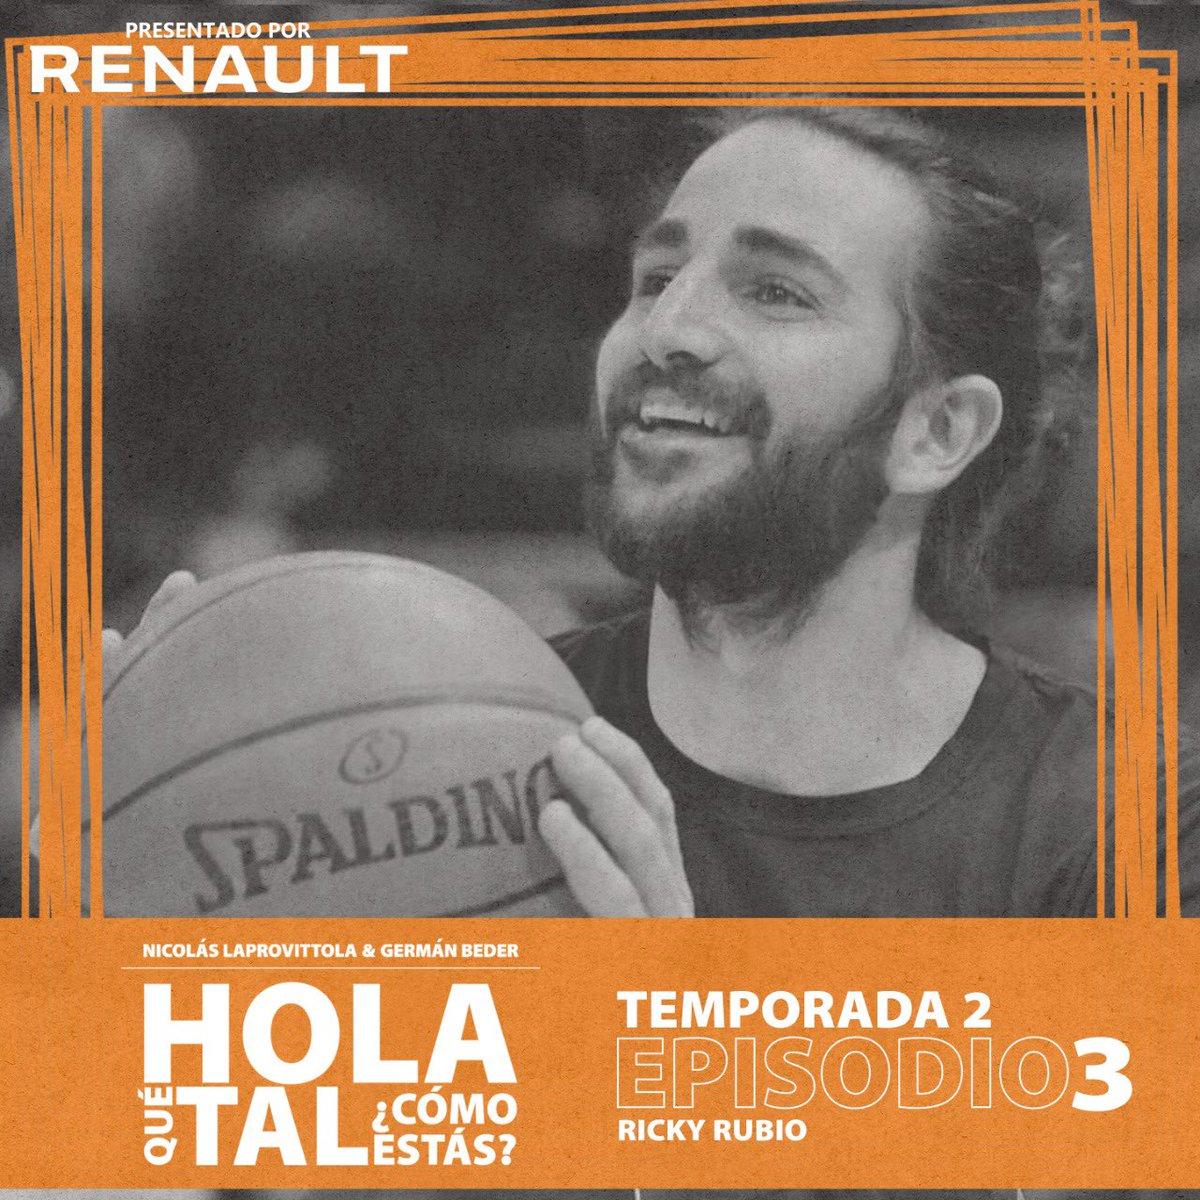 Nos dimos el lujo de conversar un rato con uno de los jugadores más talentosos que haya dado el básquet español en su historia. Los vaivenes en la carrera del deportista, el rol que juega la cabeza, la NBA y mucho más. Una charla profunda y amena. Un personaje simple y sincero.